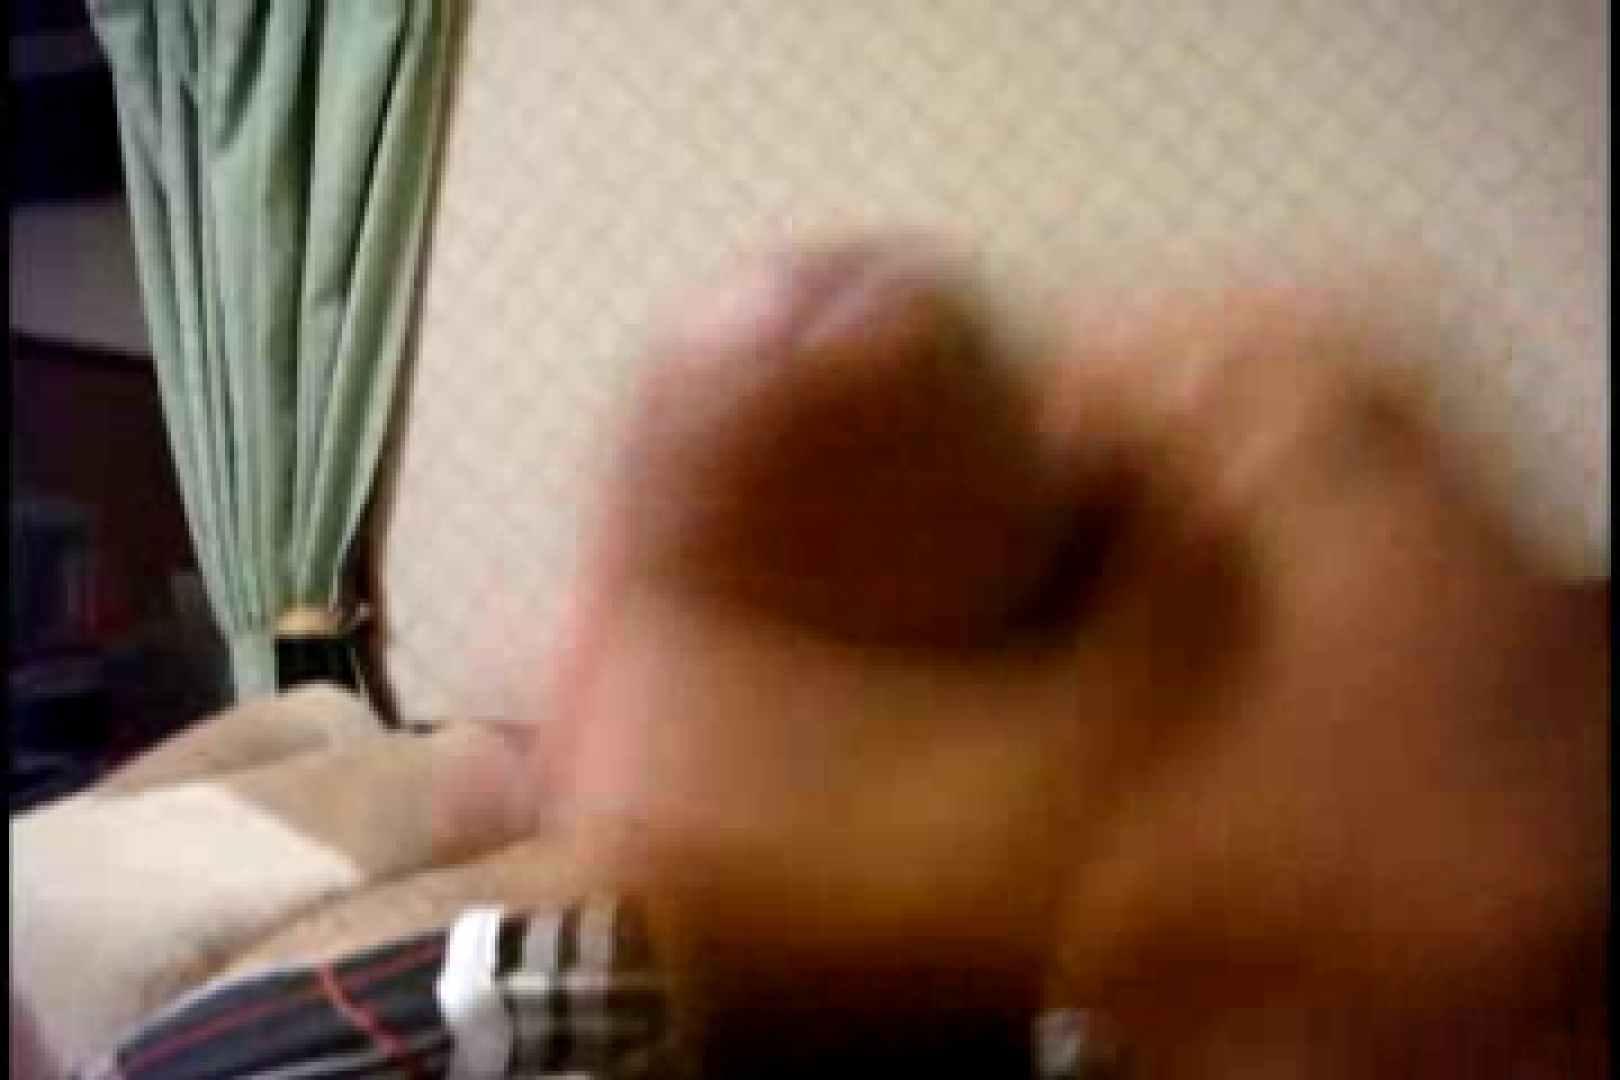 オナ好きノンケテニス部員の自画撮り投稿vol.01 ブリーフ ゲイアダルト画像 105枚 54